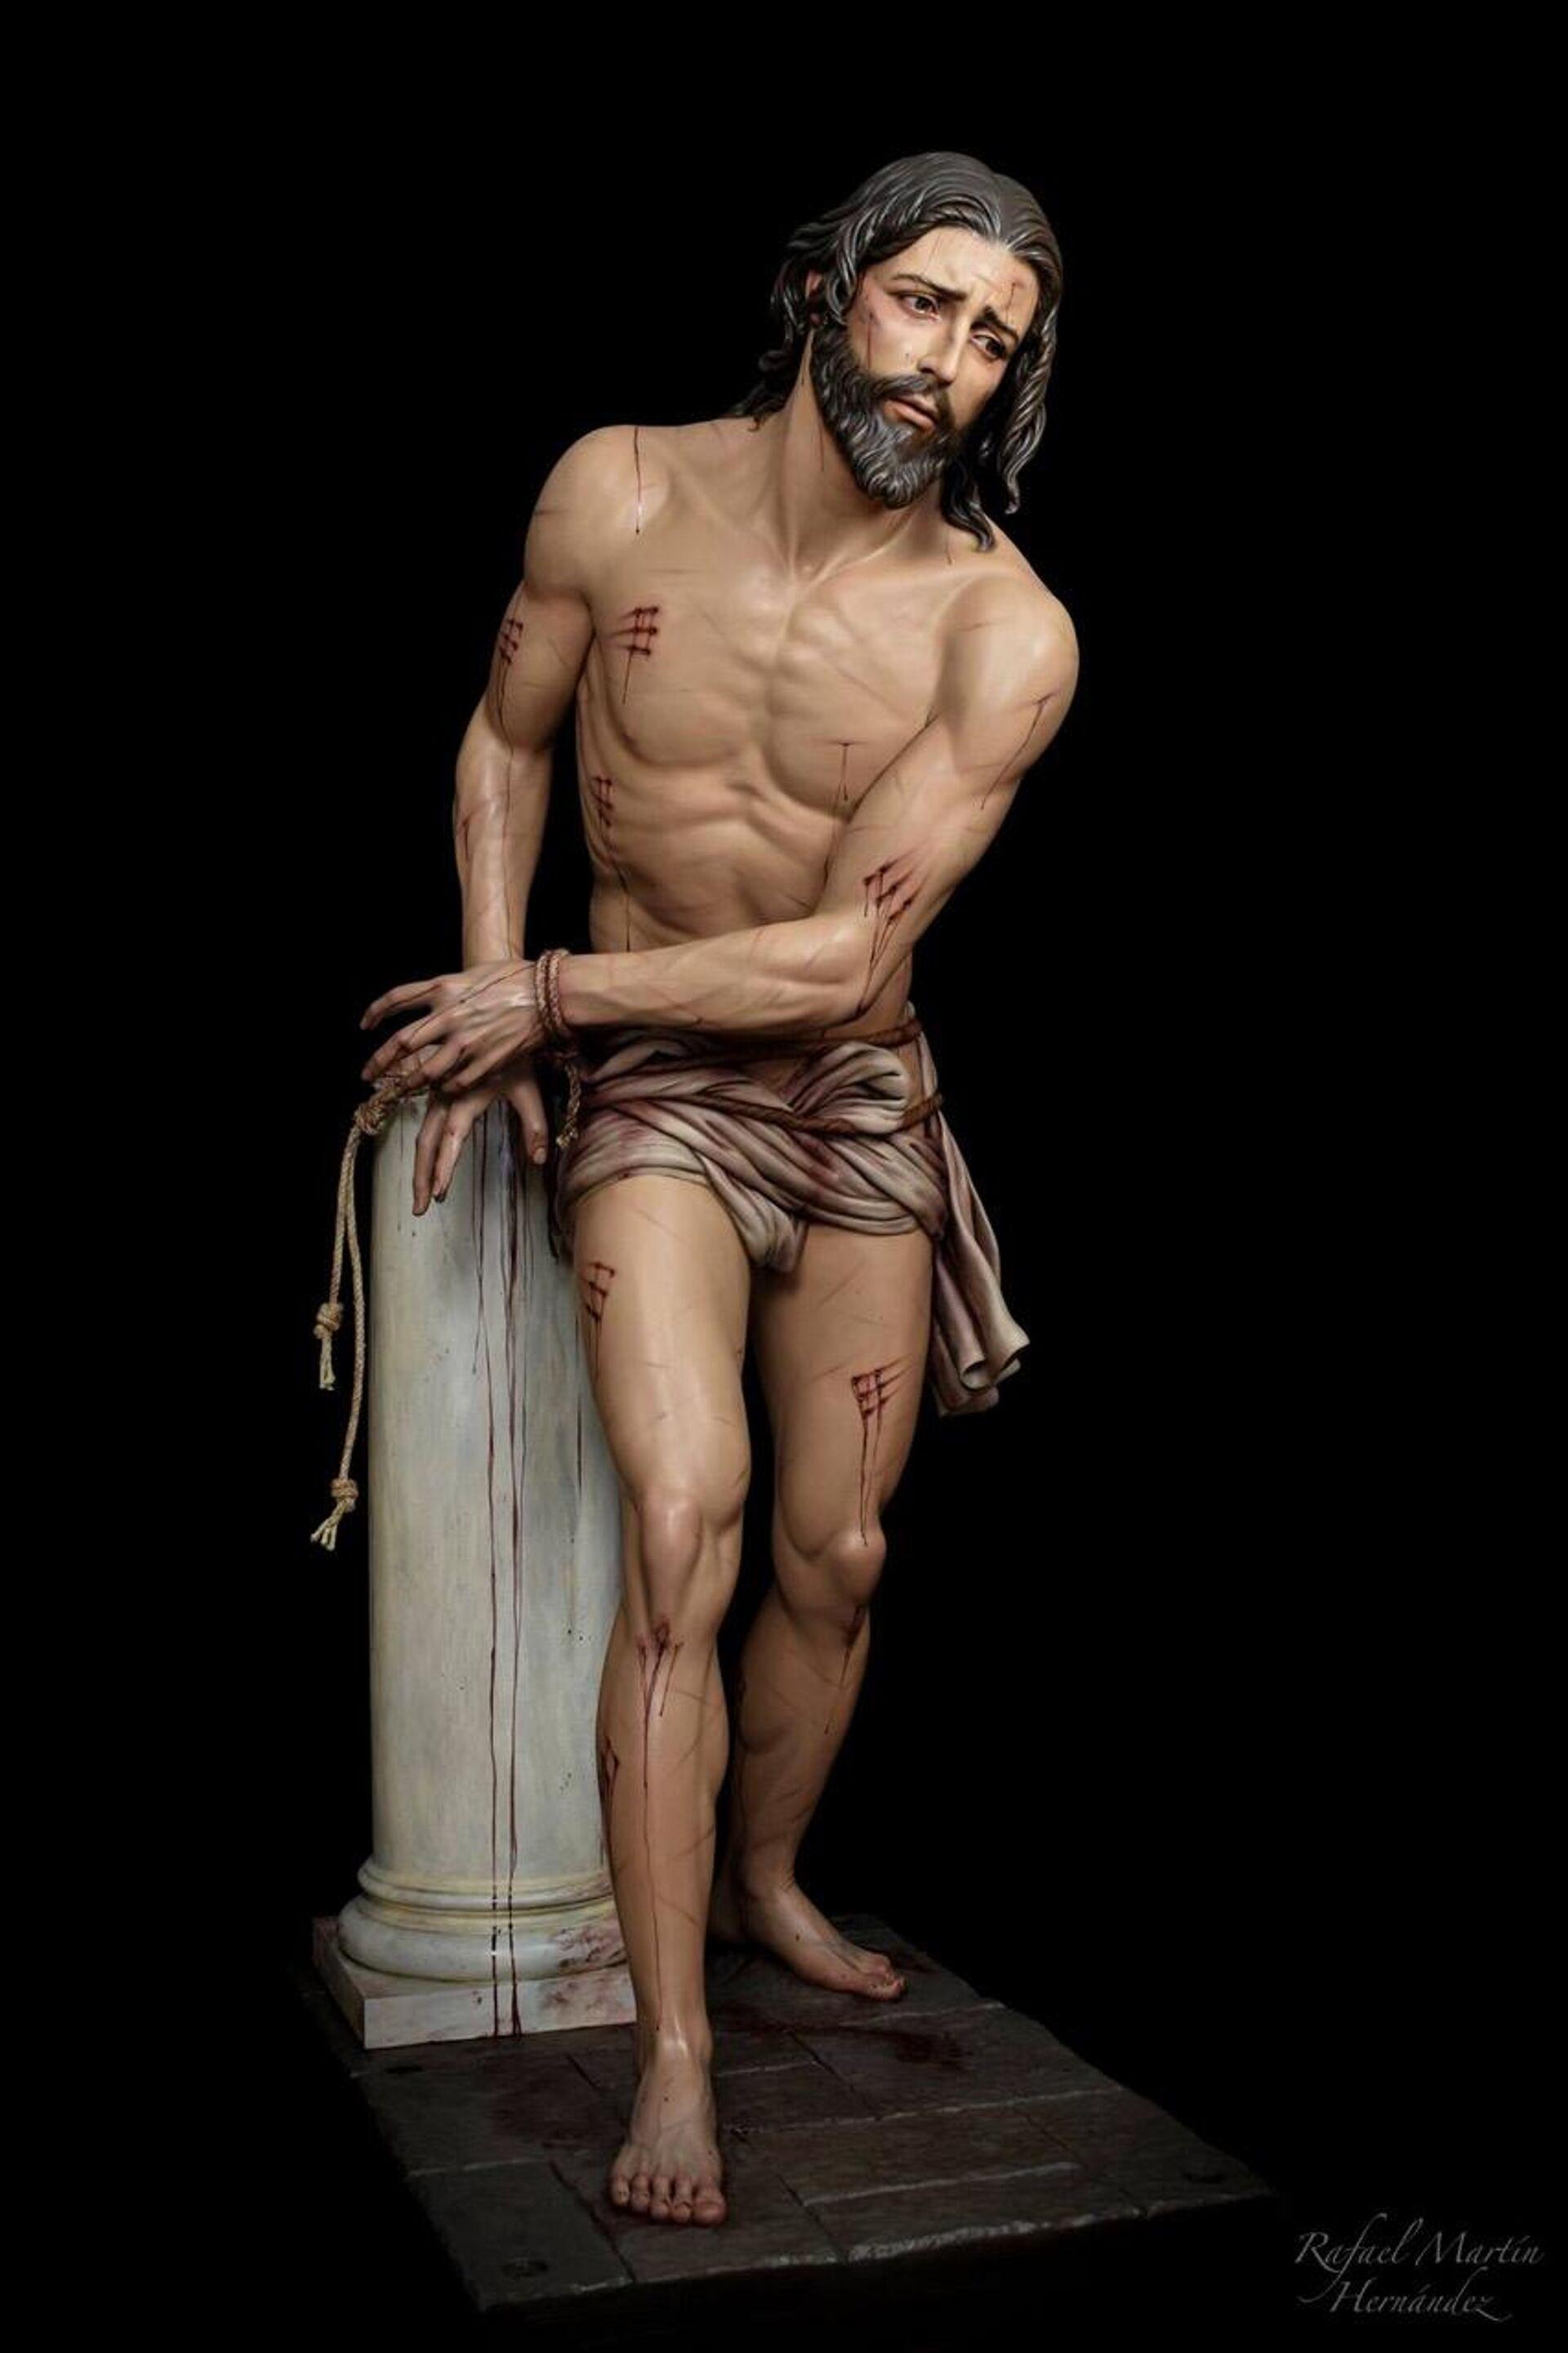 Cristo de la Flagelación de la Hermandad de las Tres Potencias (Guatemala), obra de Rafael Martín - Sputnik Mundo, 1920, 31.03.2021